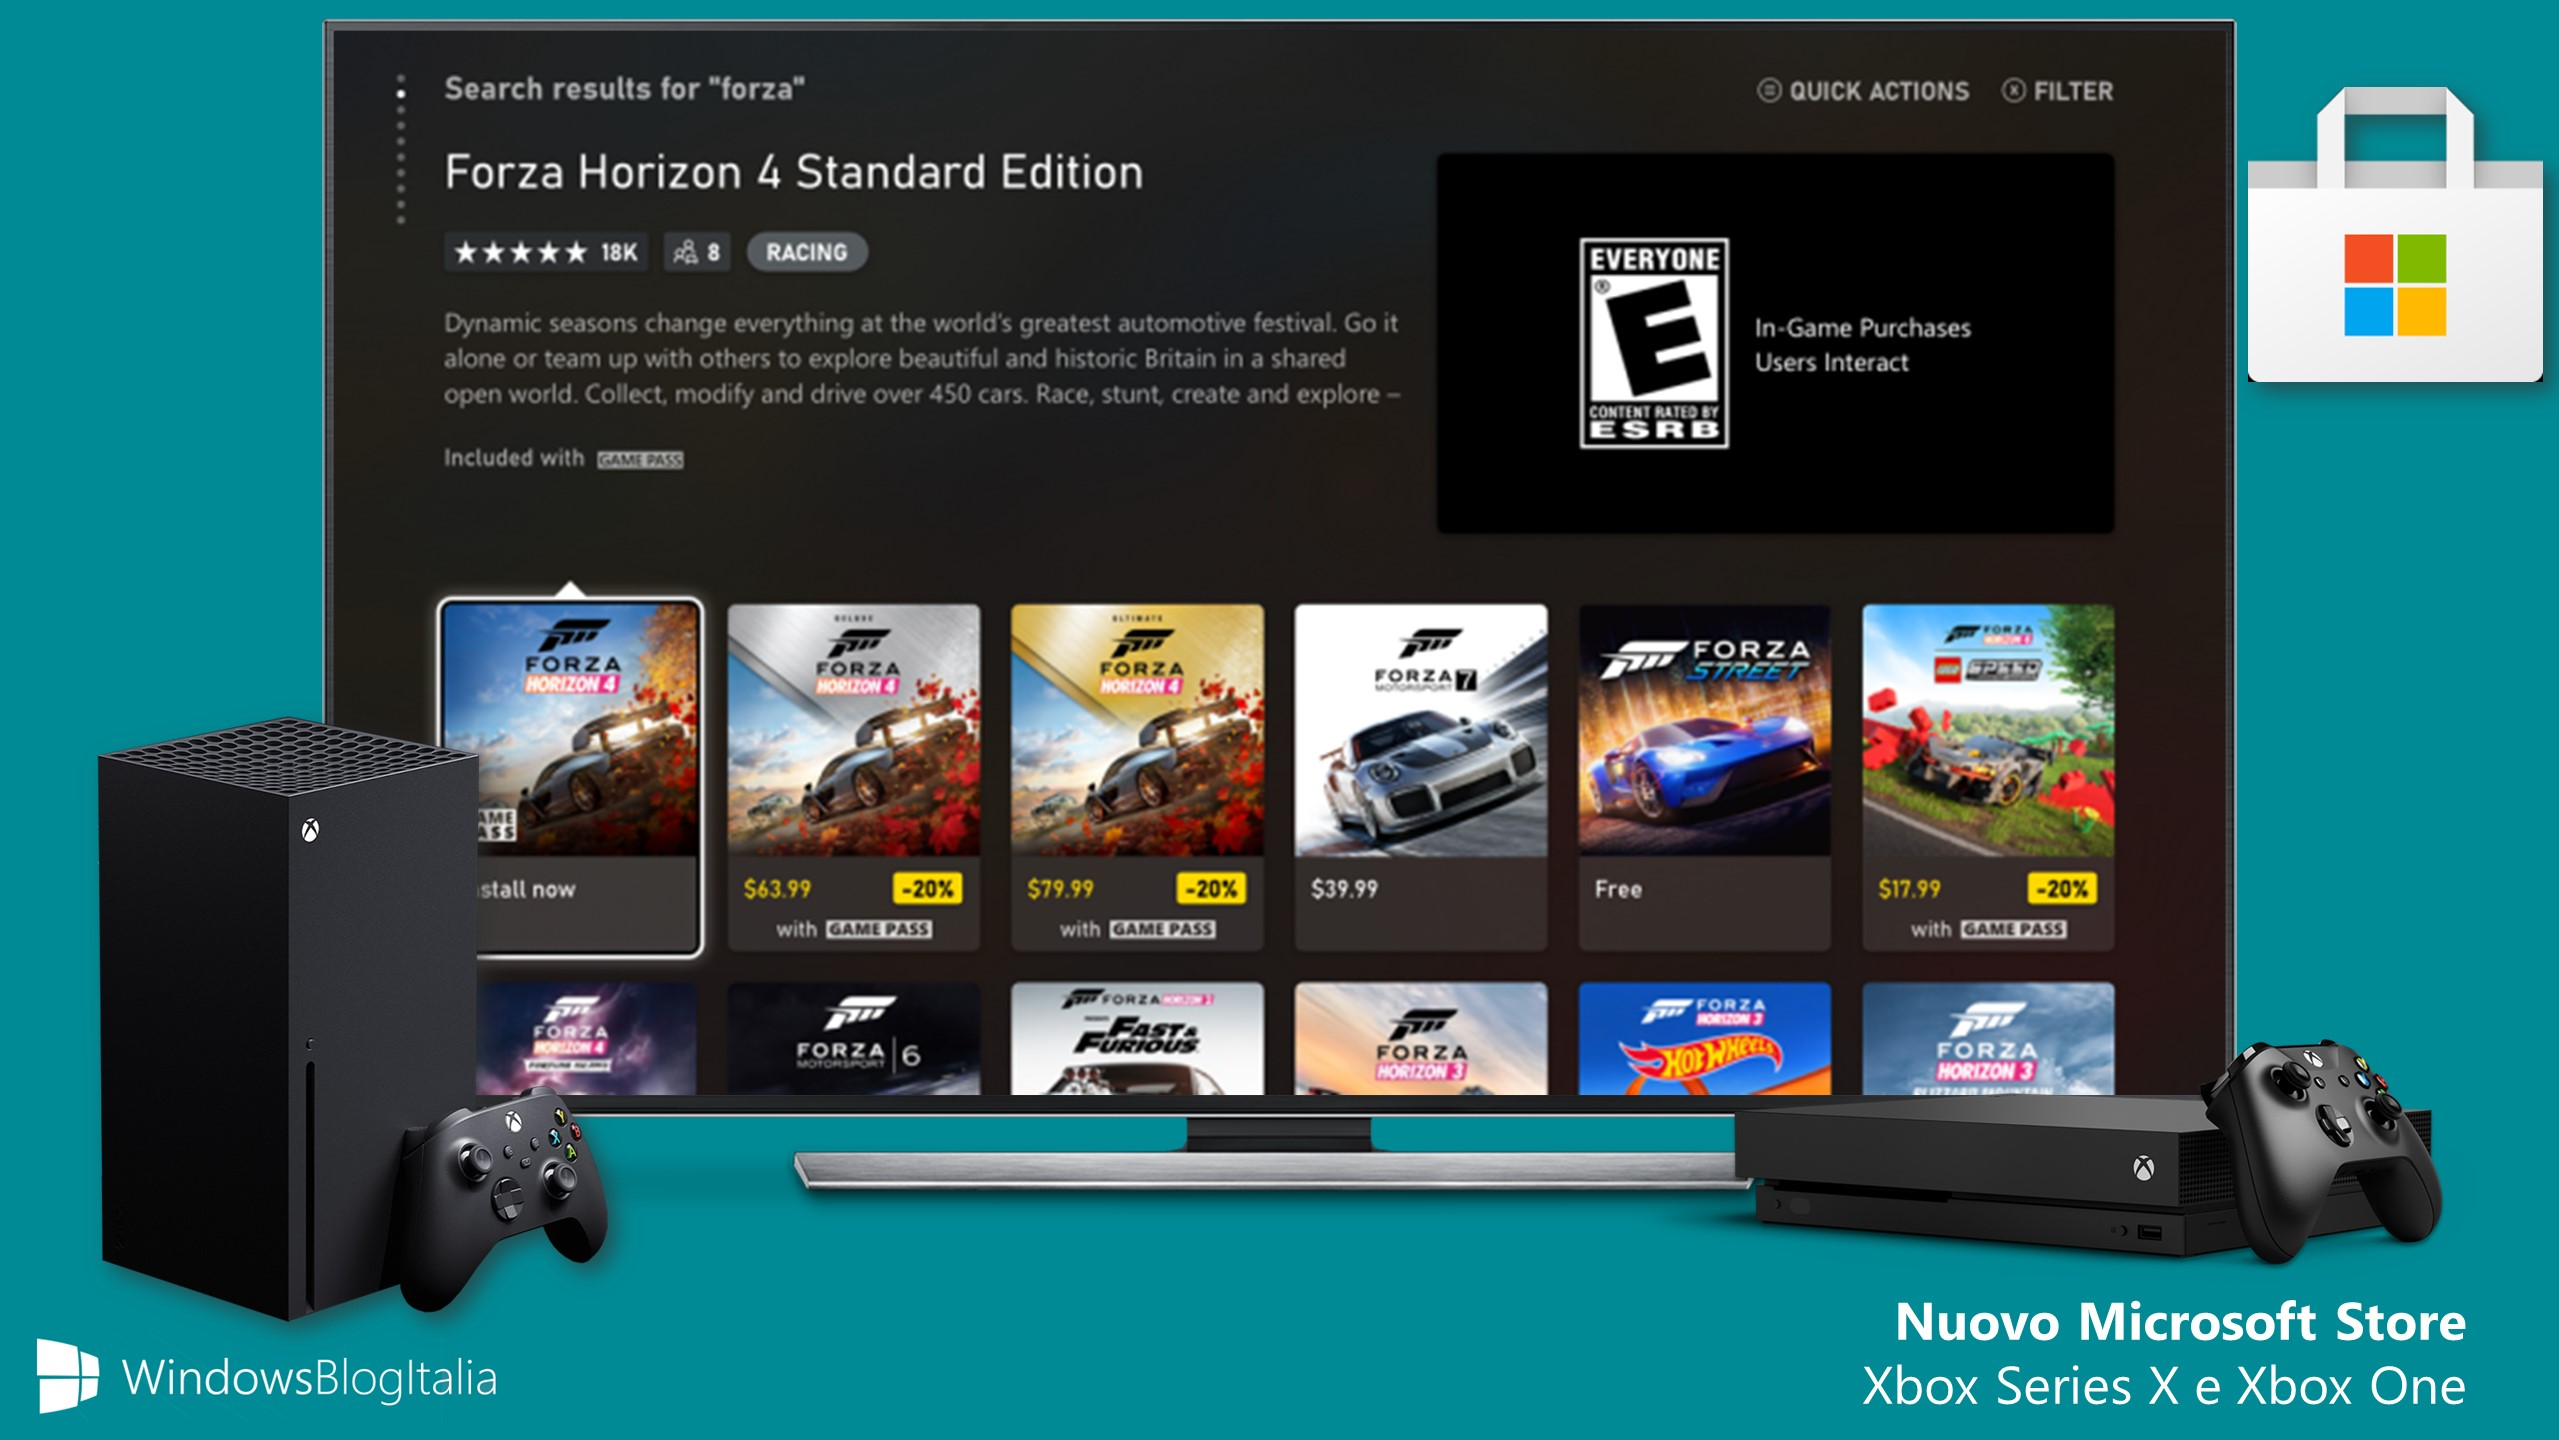 Nuovo Microsoft Store per Xbox Series X e Xbox One